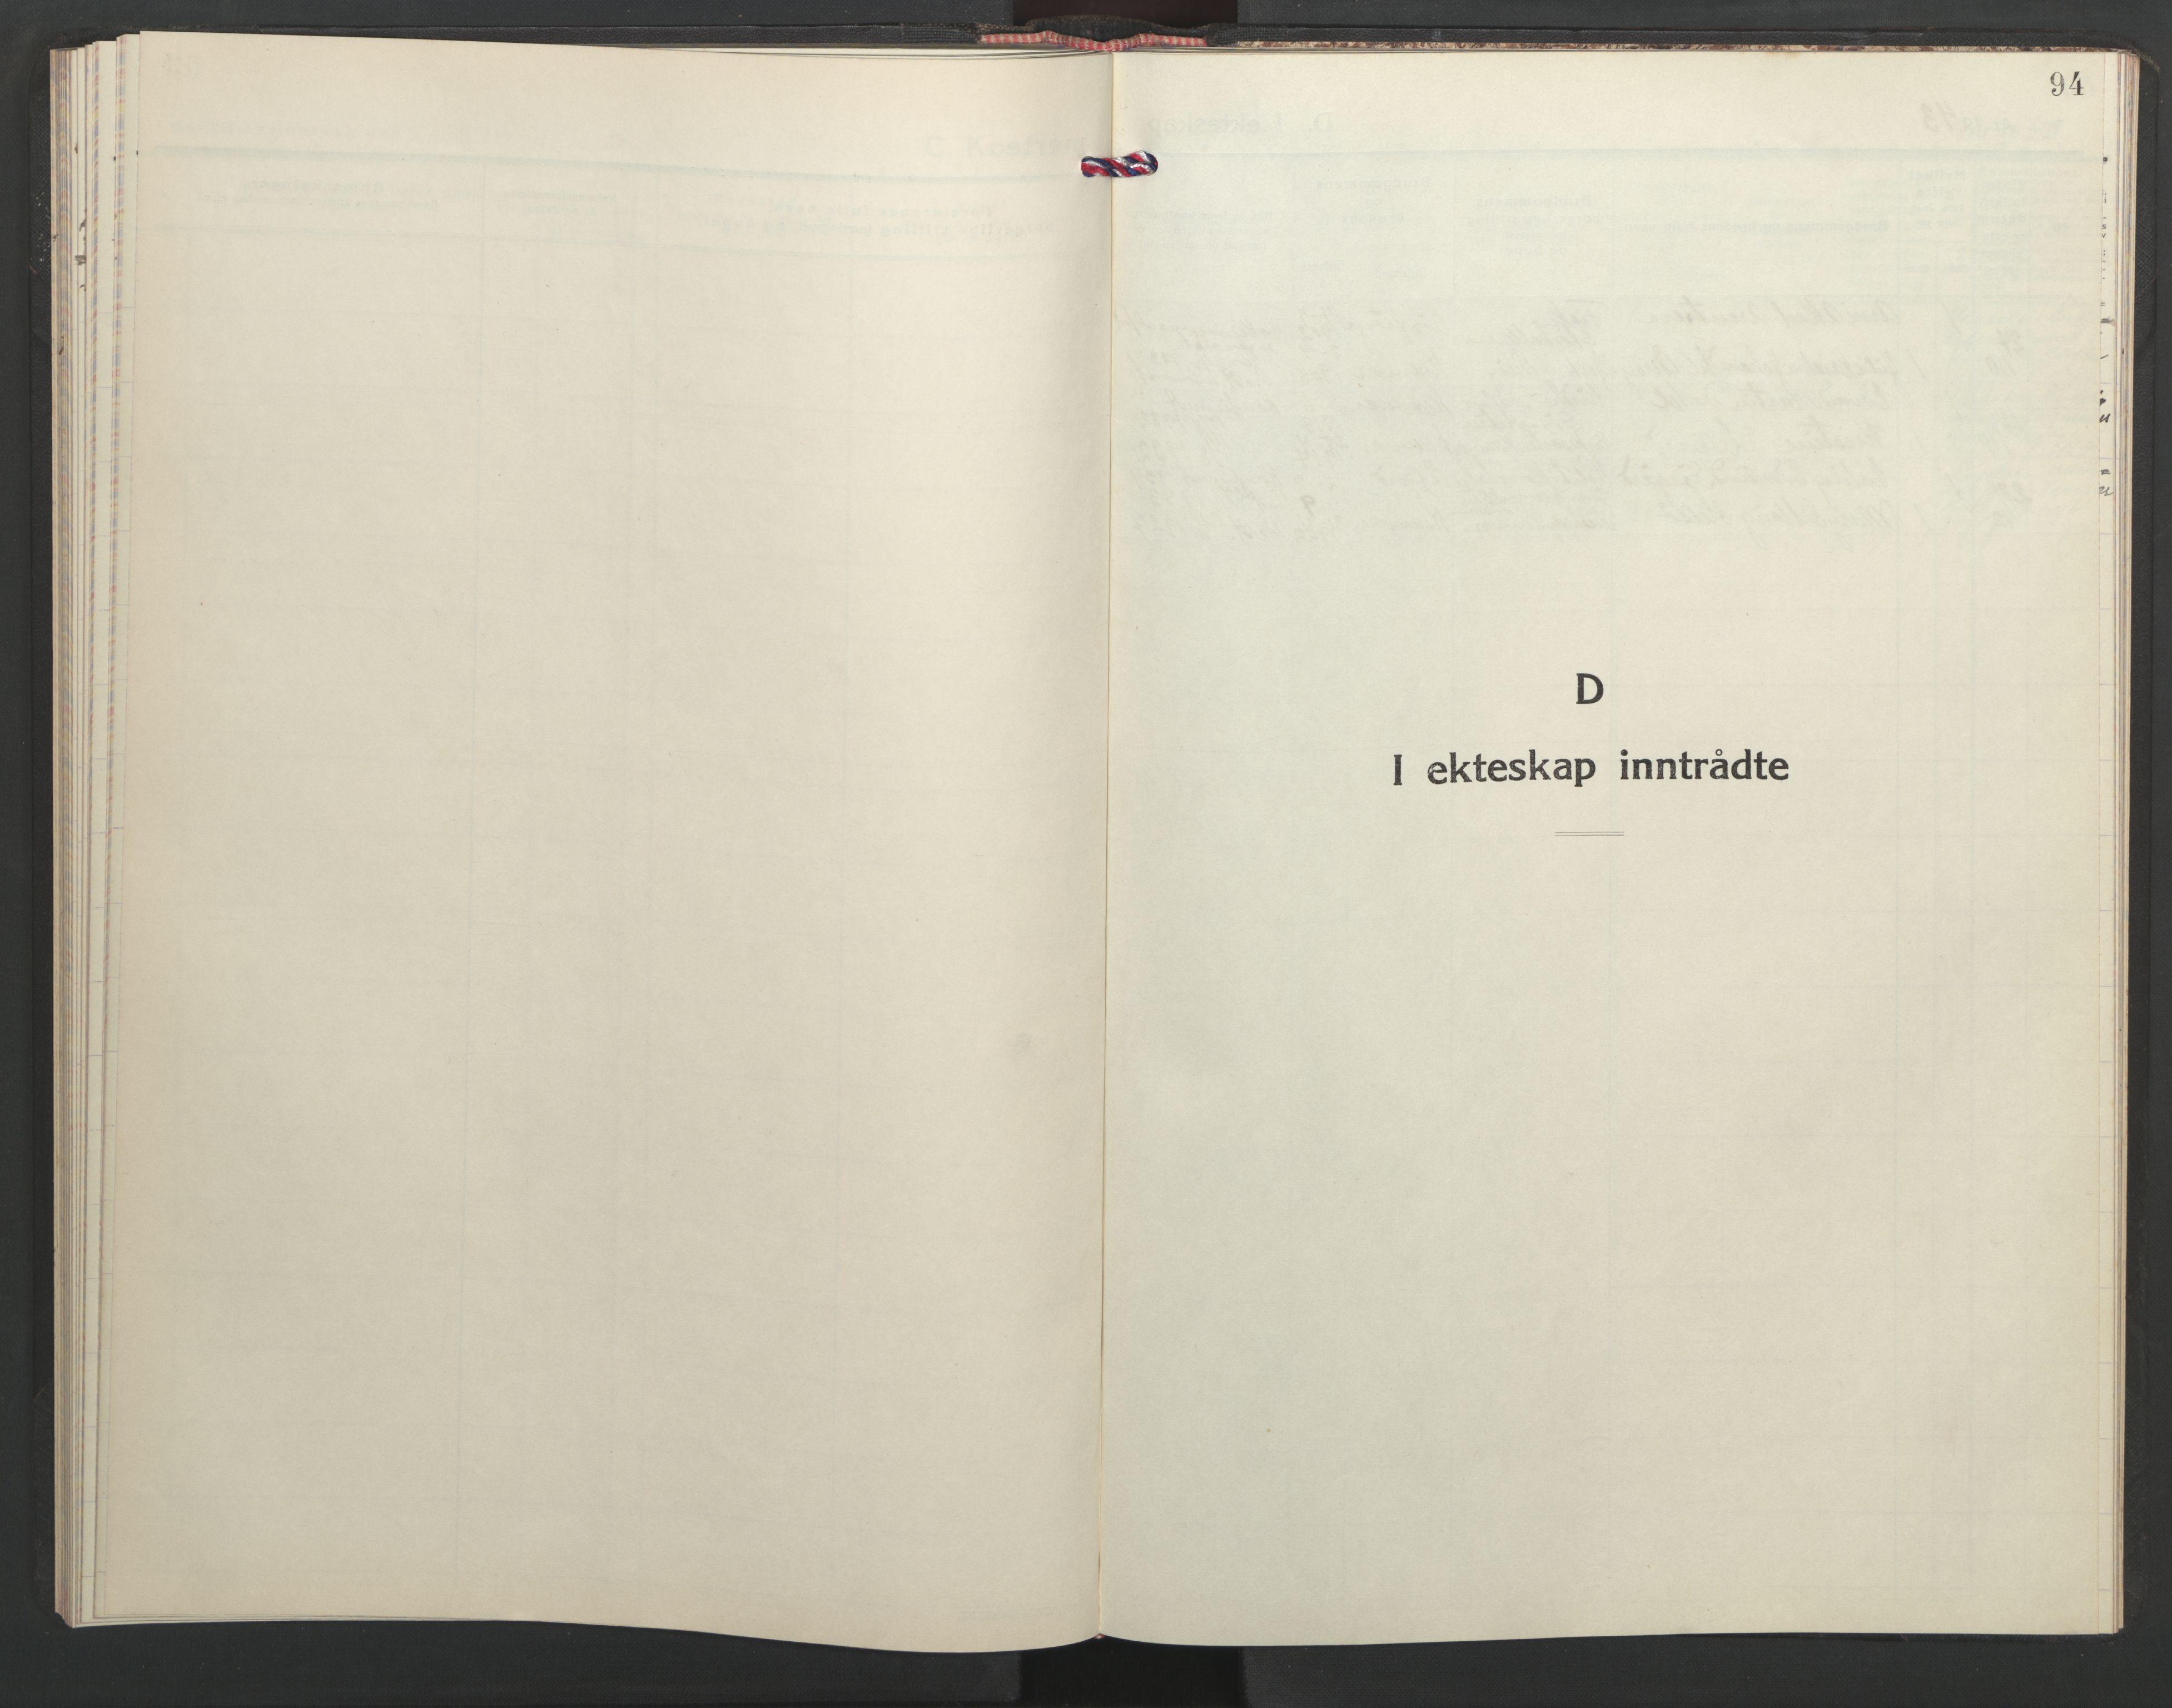 SAT, Ministerialprotokoller, klokkerbøker og fødselsregistre - Sør-Trøndelag, 635/L0556: Klokkerbok nr. 635C04, 1943-1945, s. 94